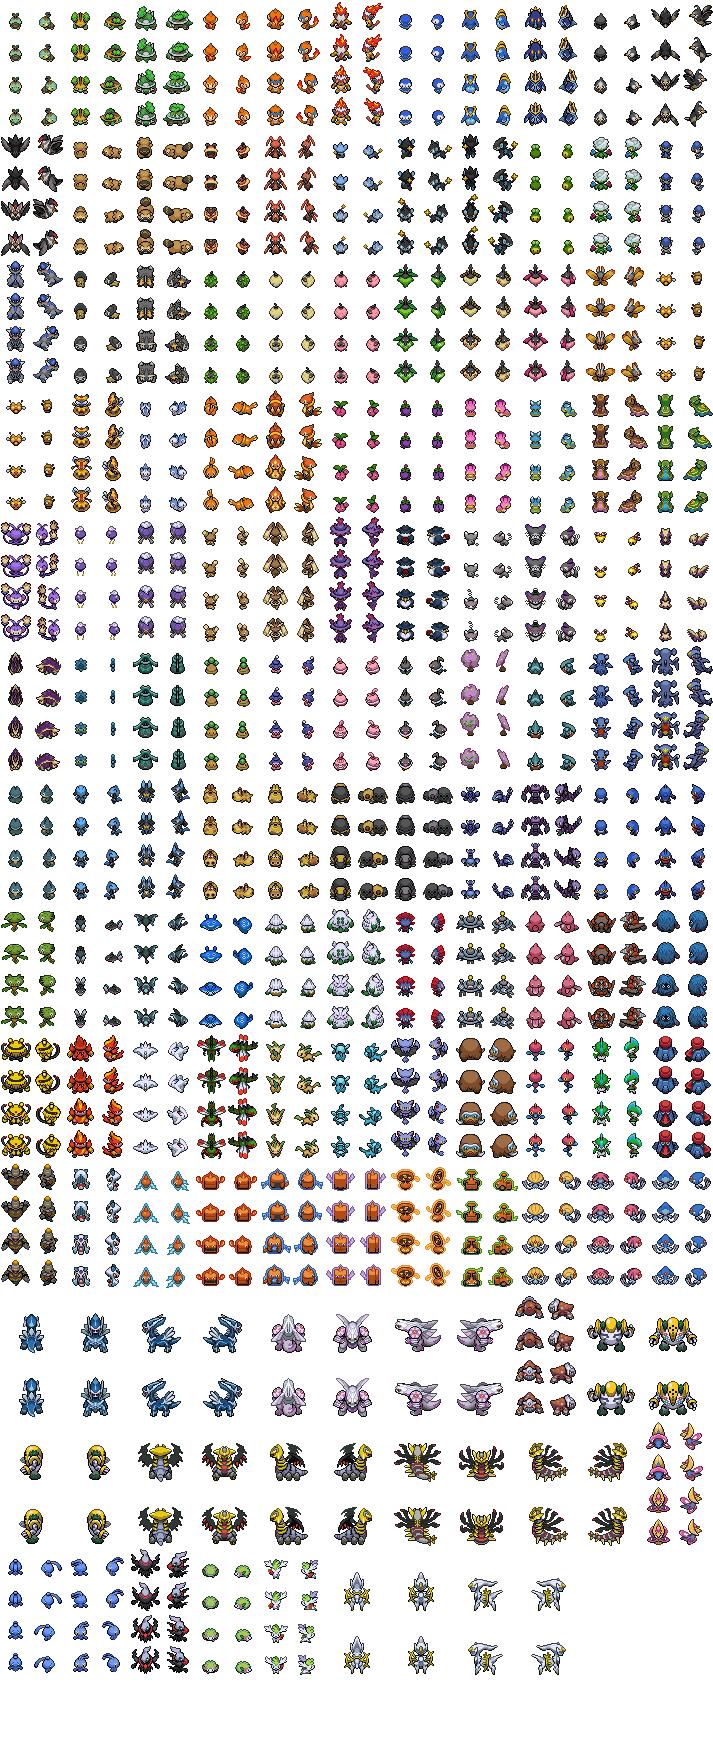 Image 4th Gen Pkmn Over World Sprite By Thegamemaster27